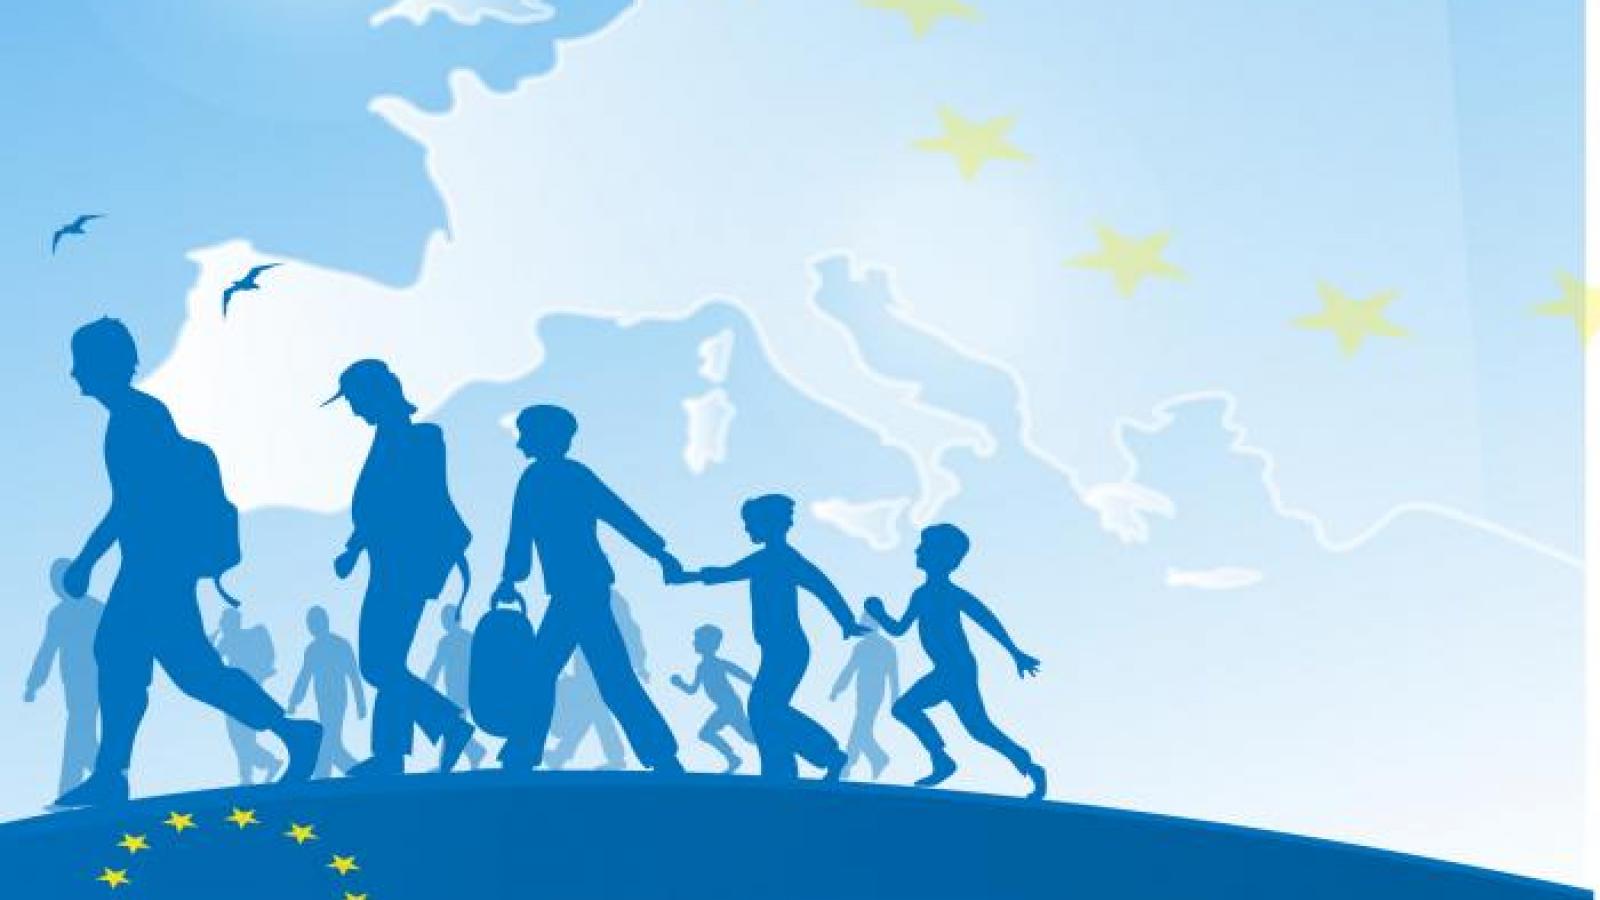 EU Migration